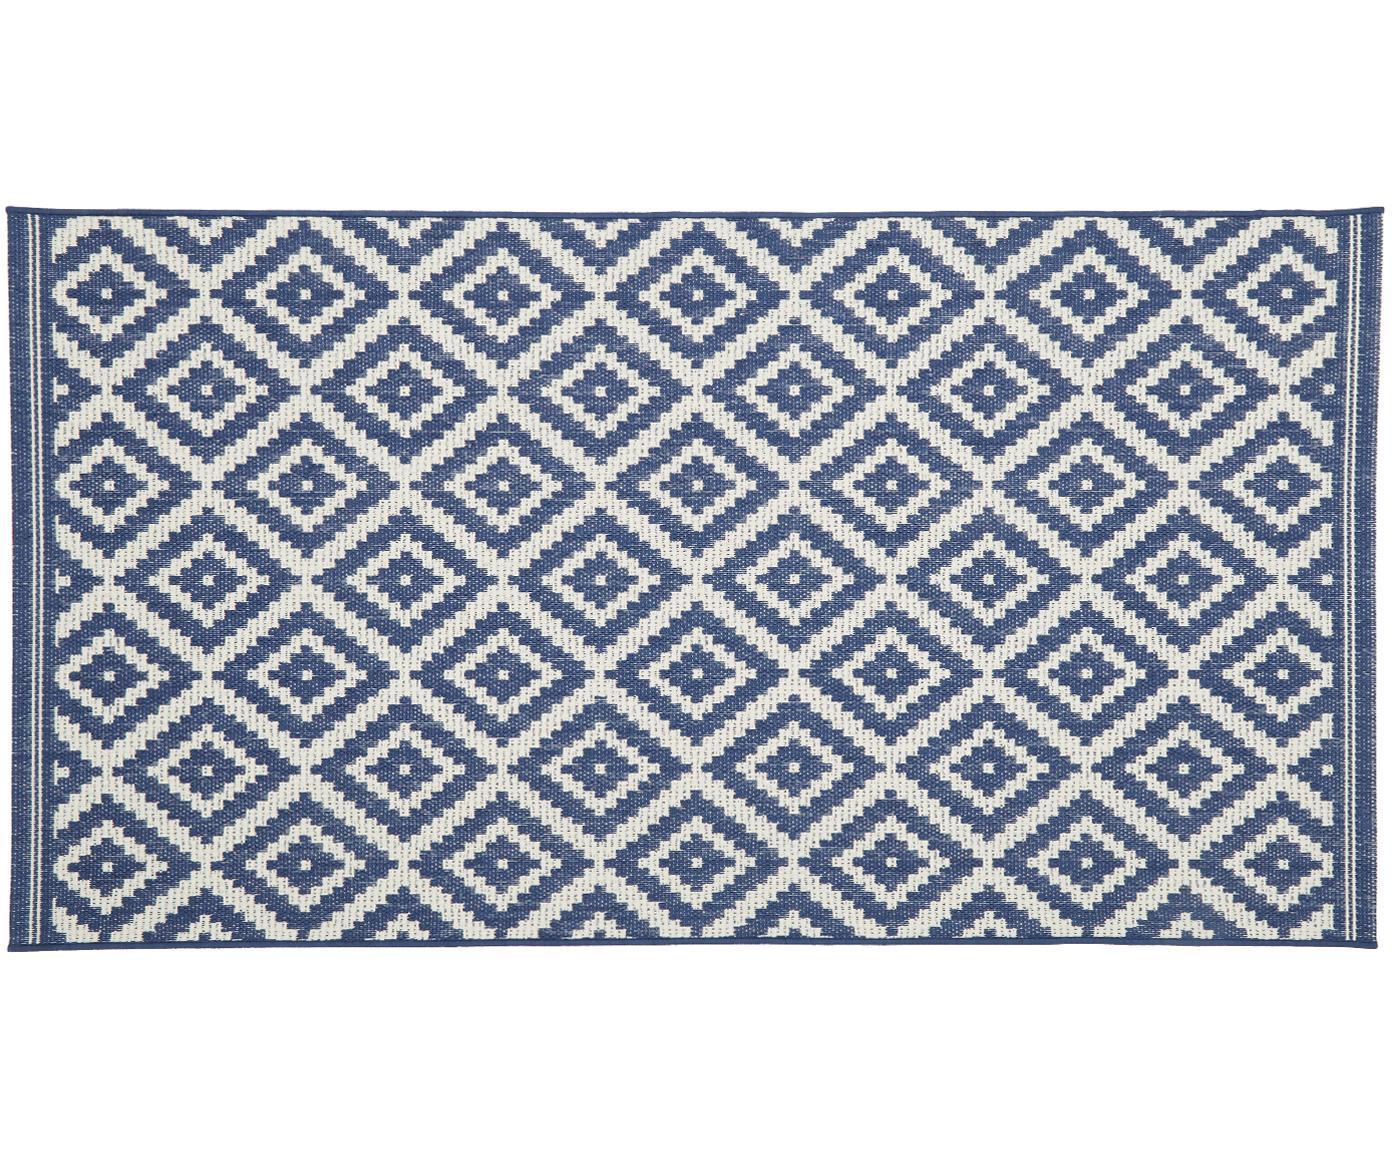 Dywan wewnętrzny/zewnętrzny Miami, Kremowobiały, niebieski, S 200 x D 290 cm (Rozmiar L)